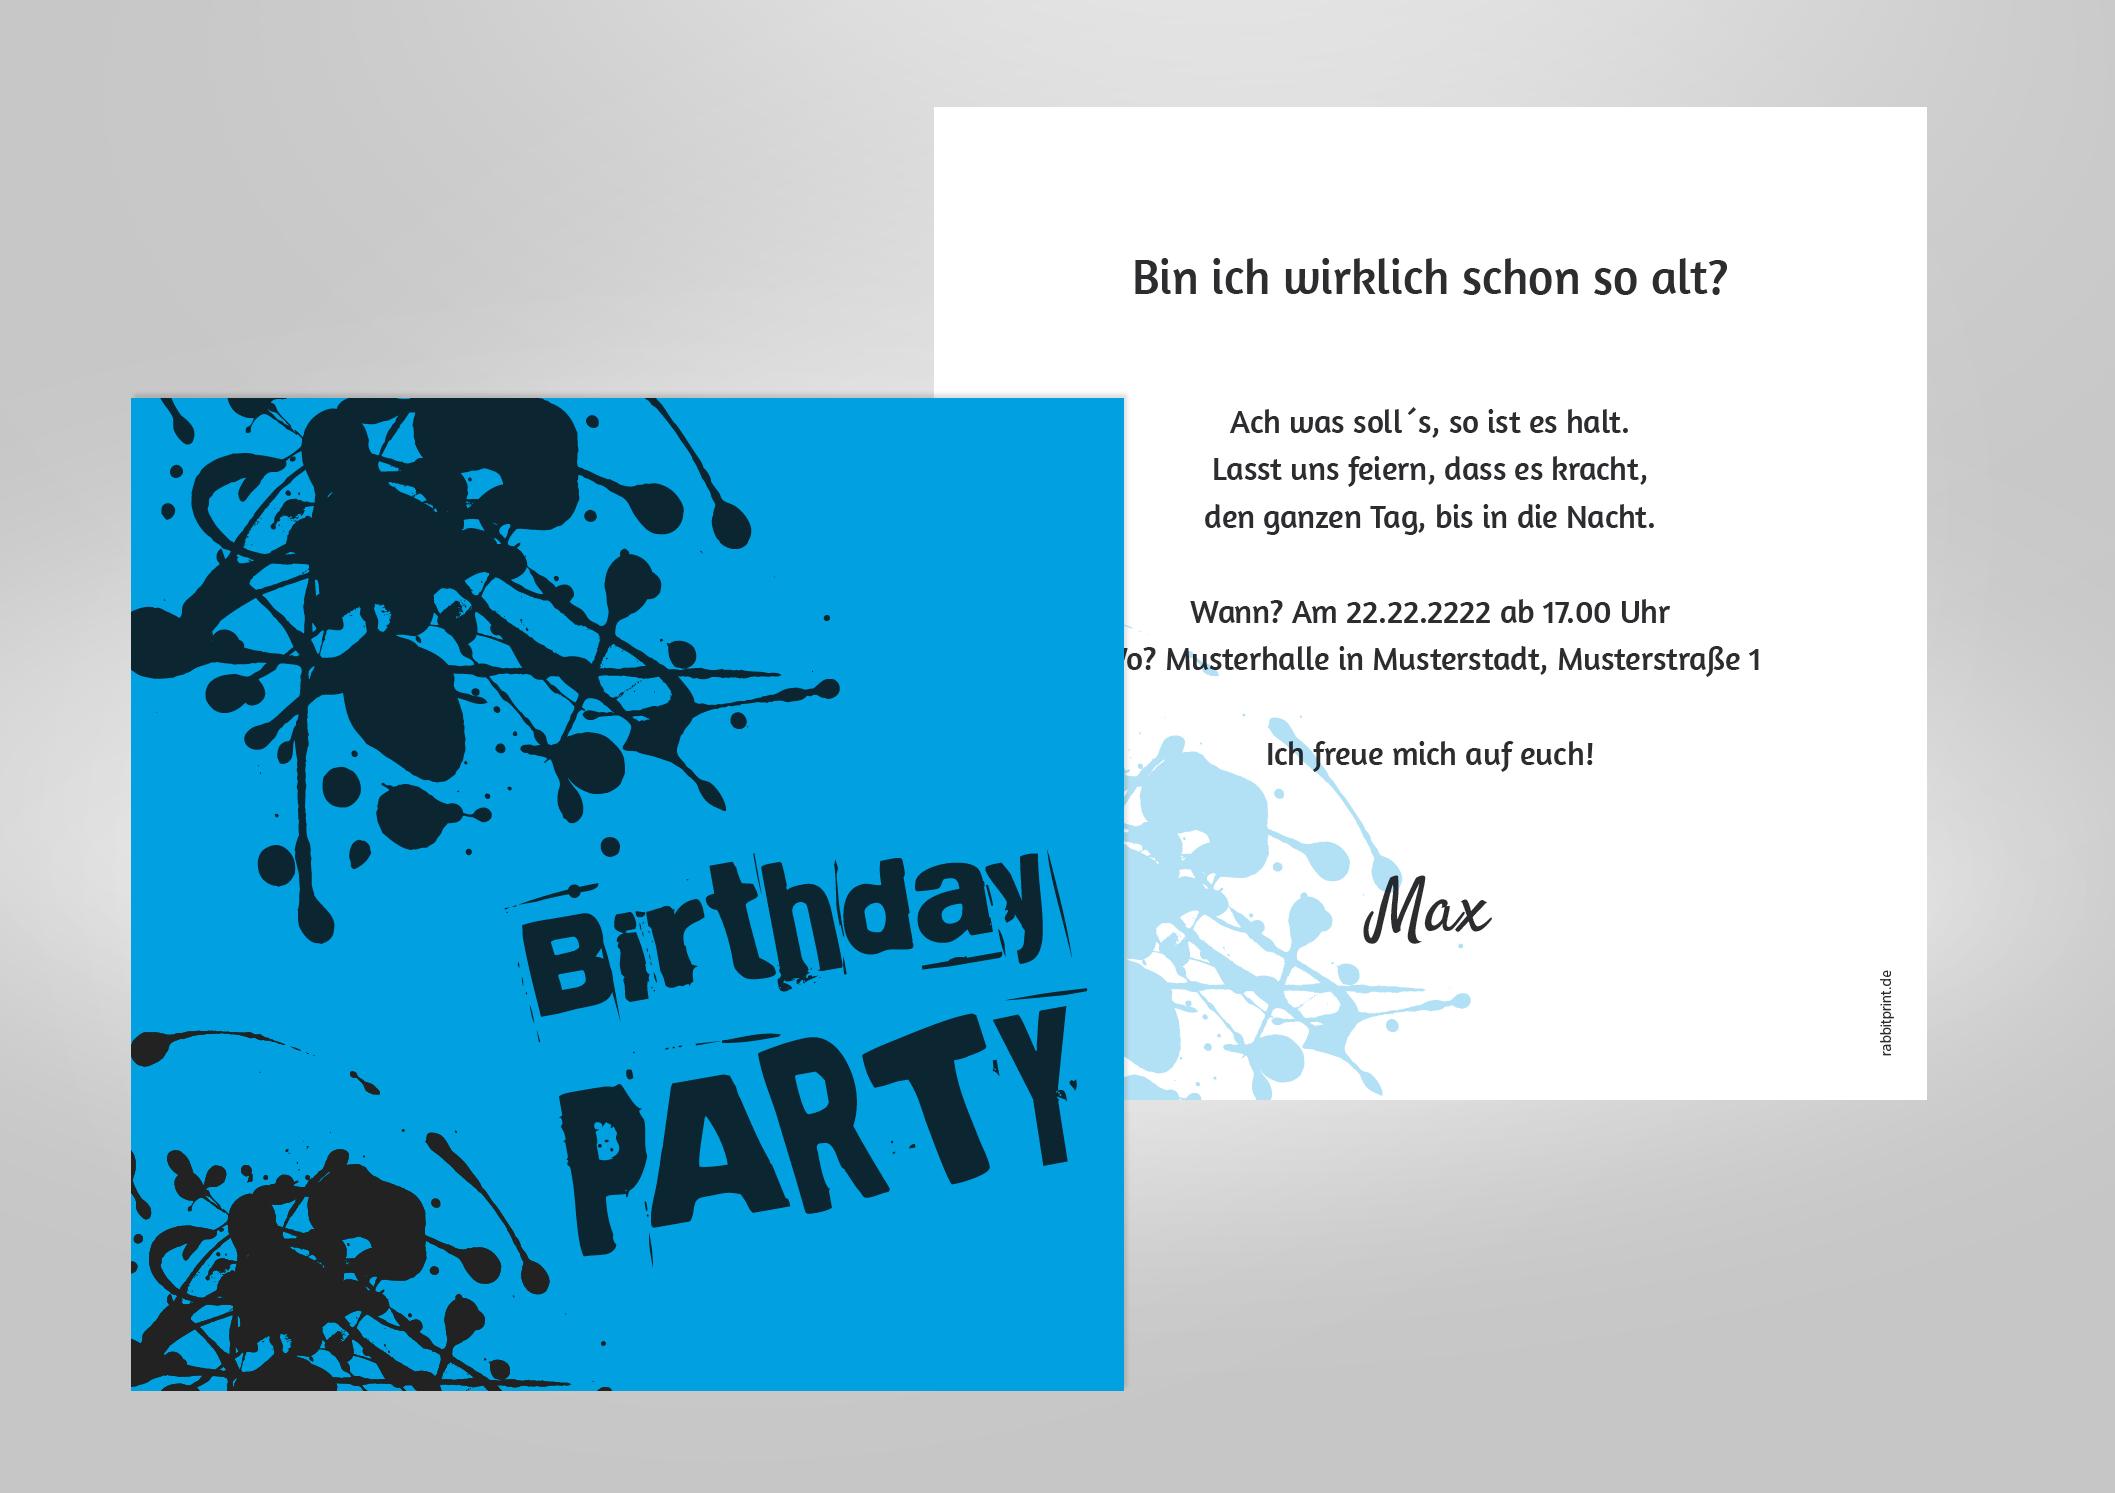 Einladung Geburtstags Party Rockig Fetzig Ideen Zum Geburtstag